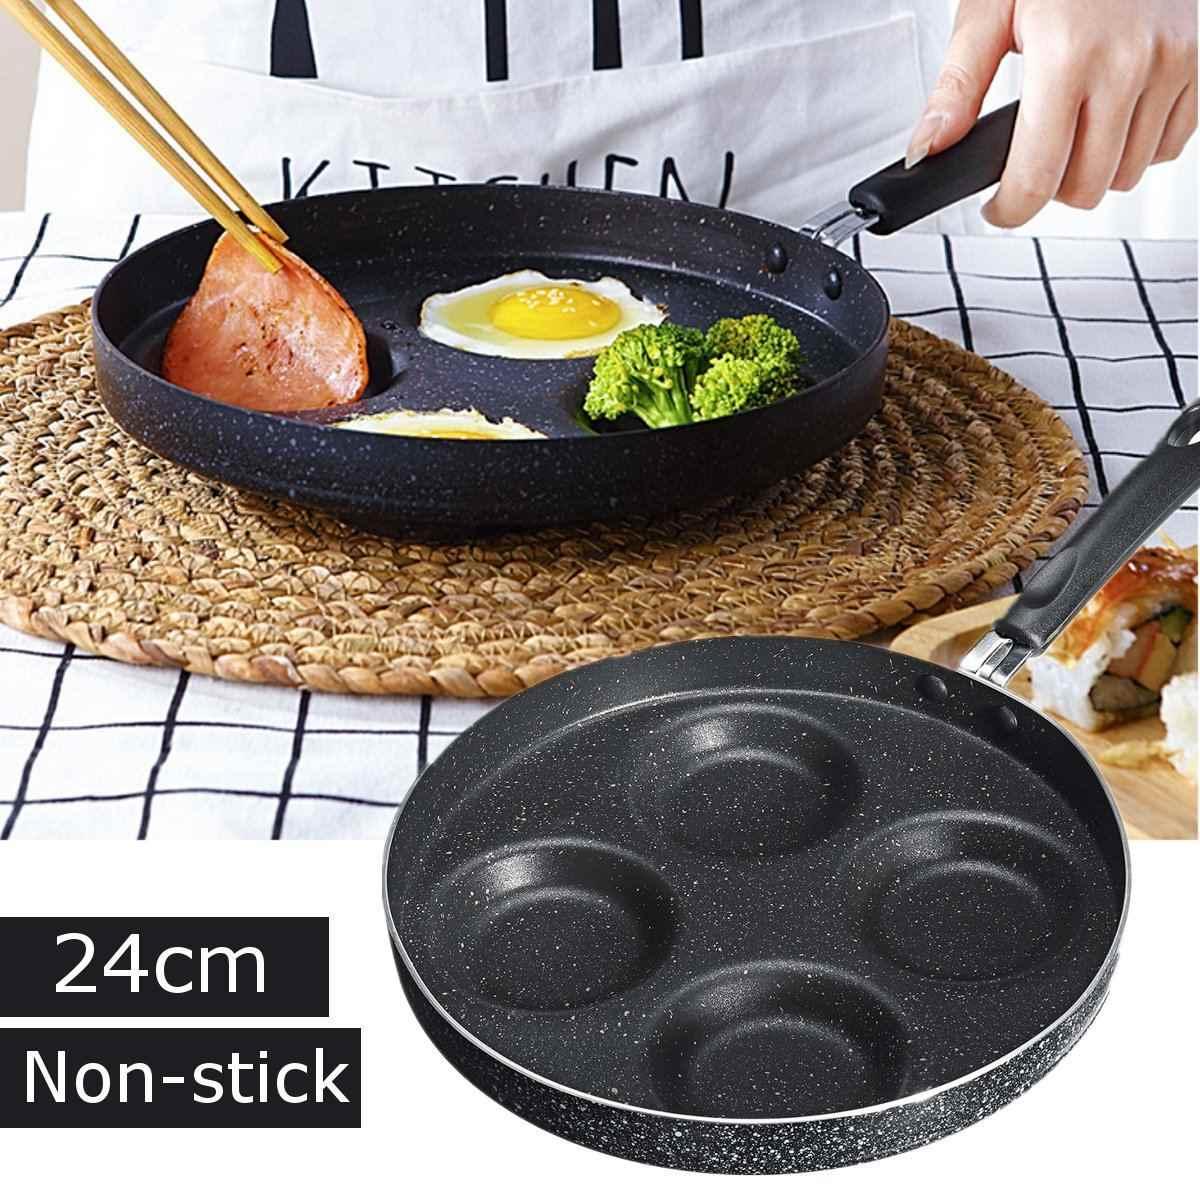 24cm ze stopu aluminium ze stopu aluminium patelnia nieprzywierająca kamień medyczny powłoka smażenia patelni Cooker jajka naleśnik Pot kuchnia gotowanie narzędzia